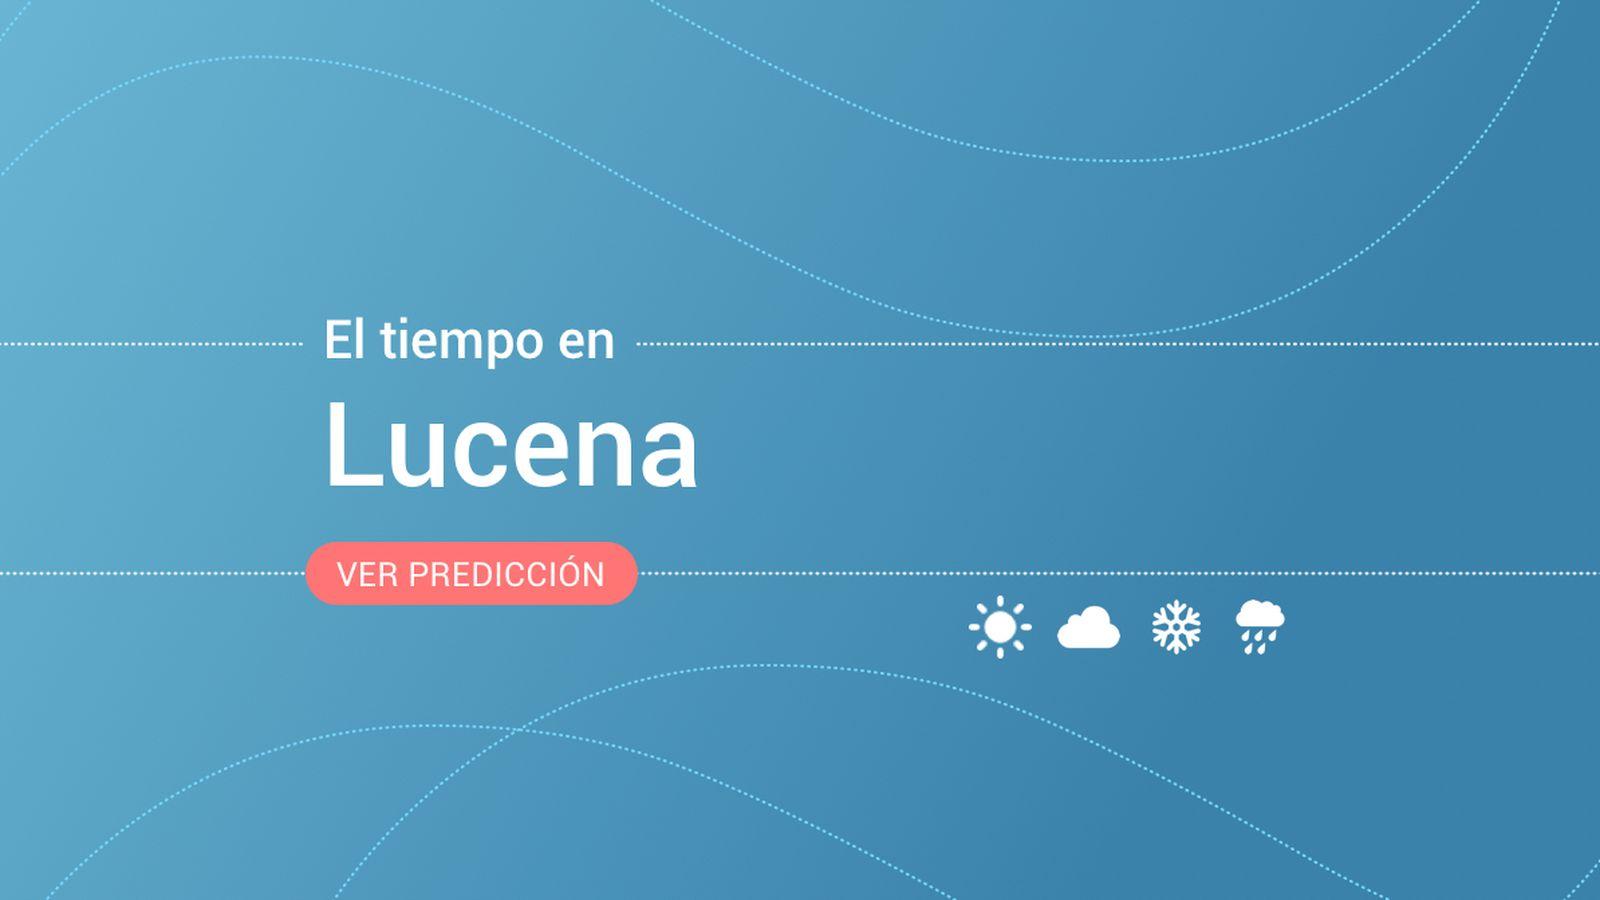 Foto: El tiempo en Lucena. (EC)